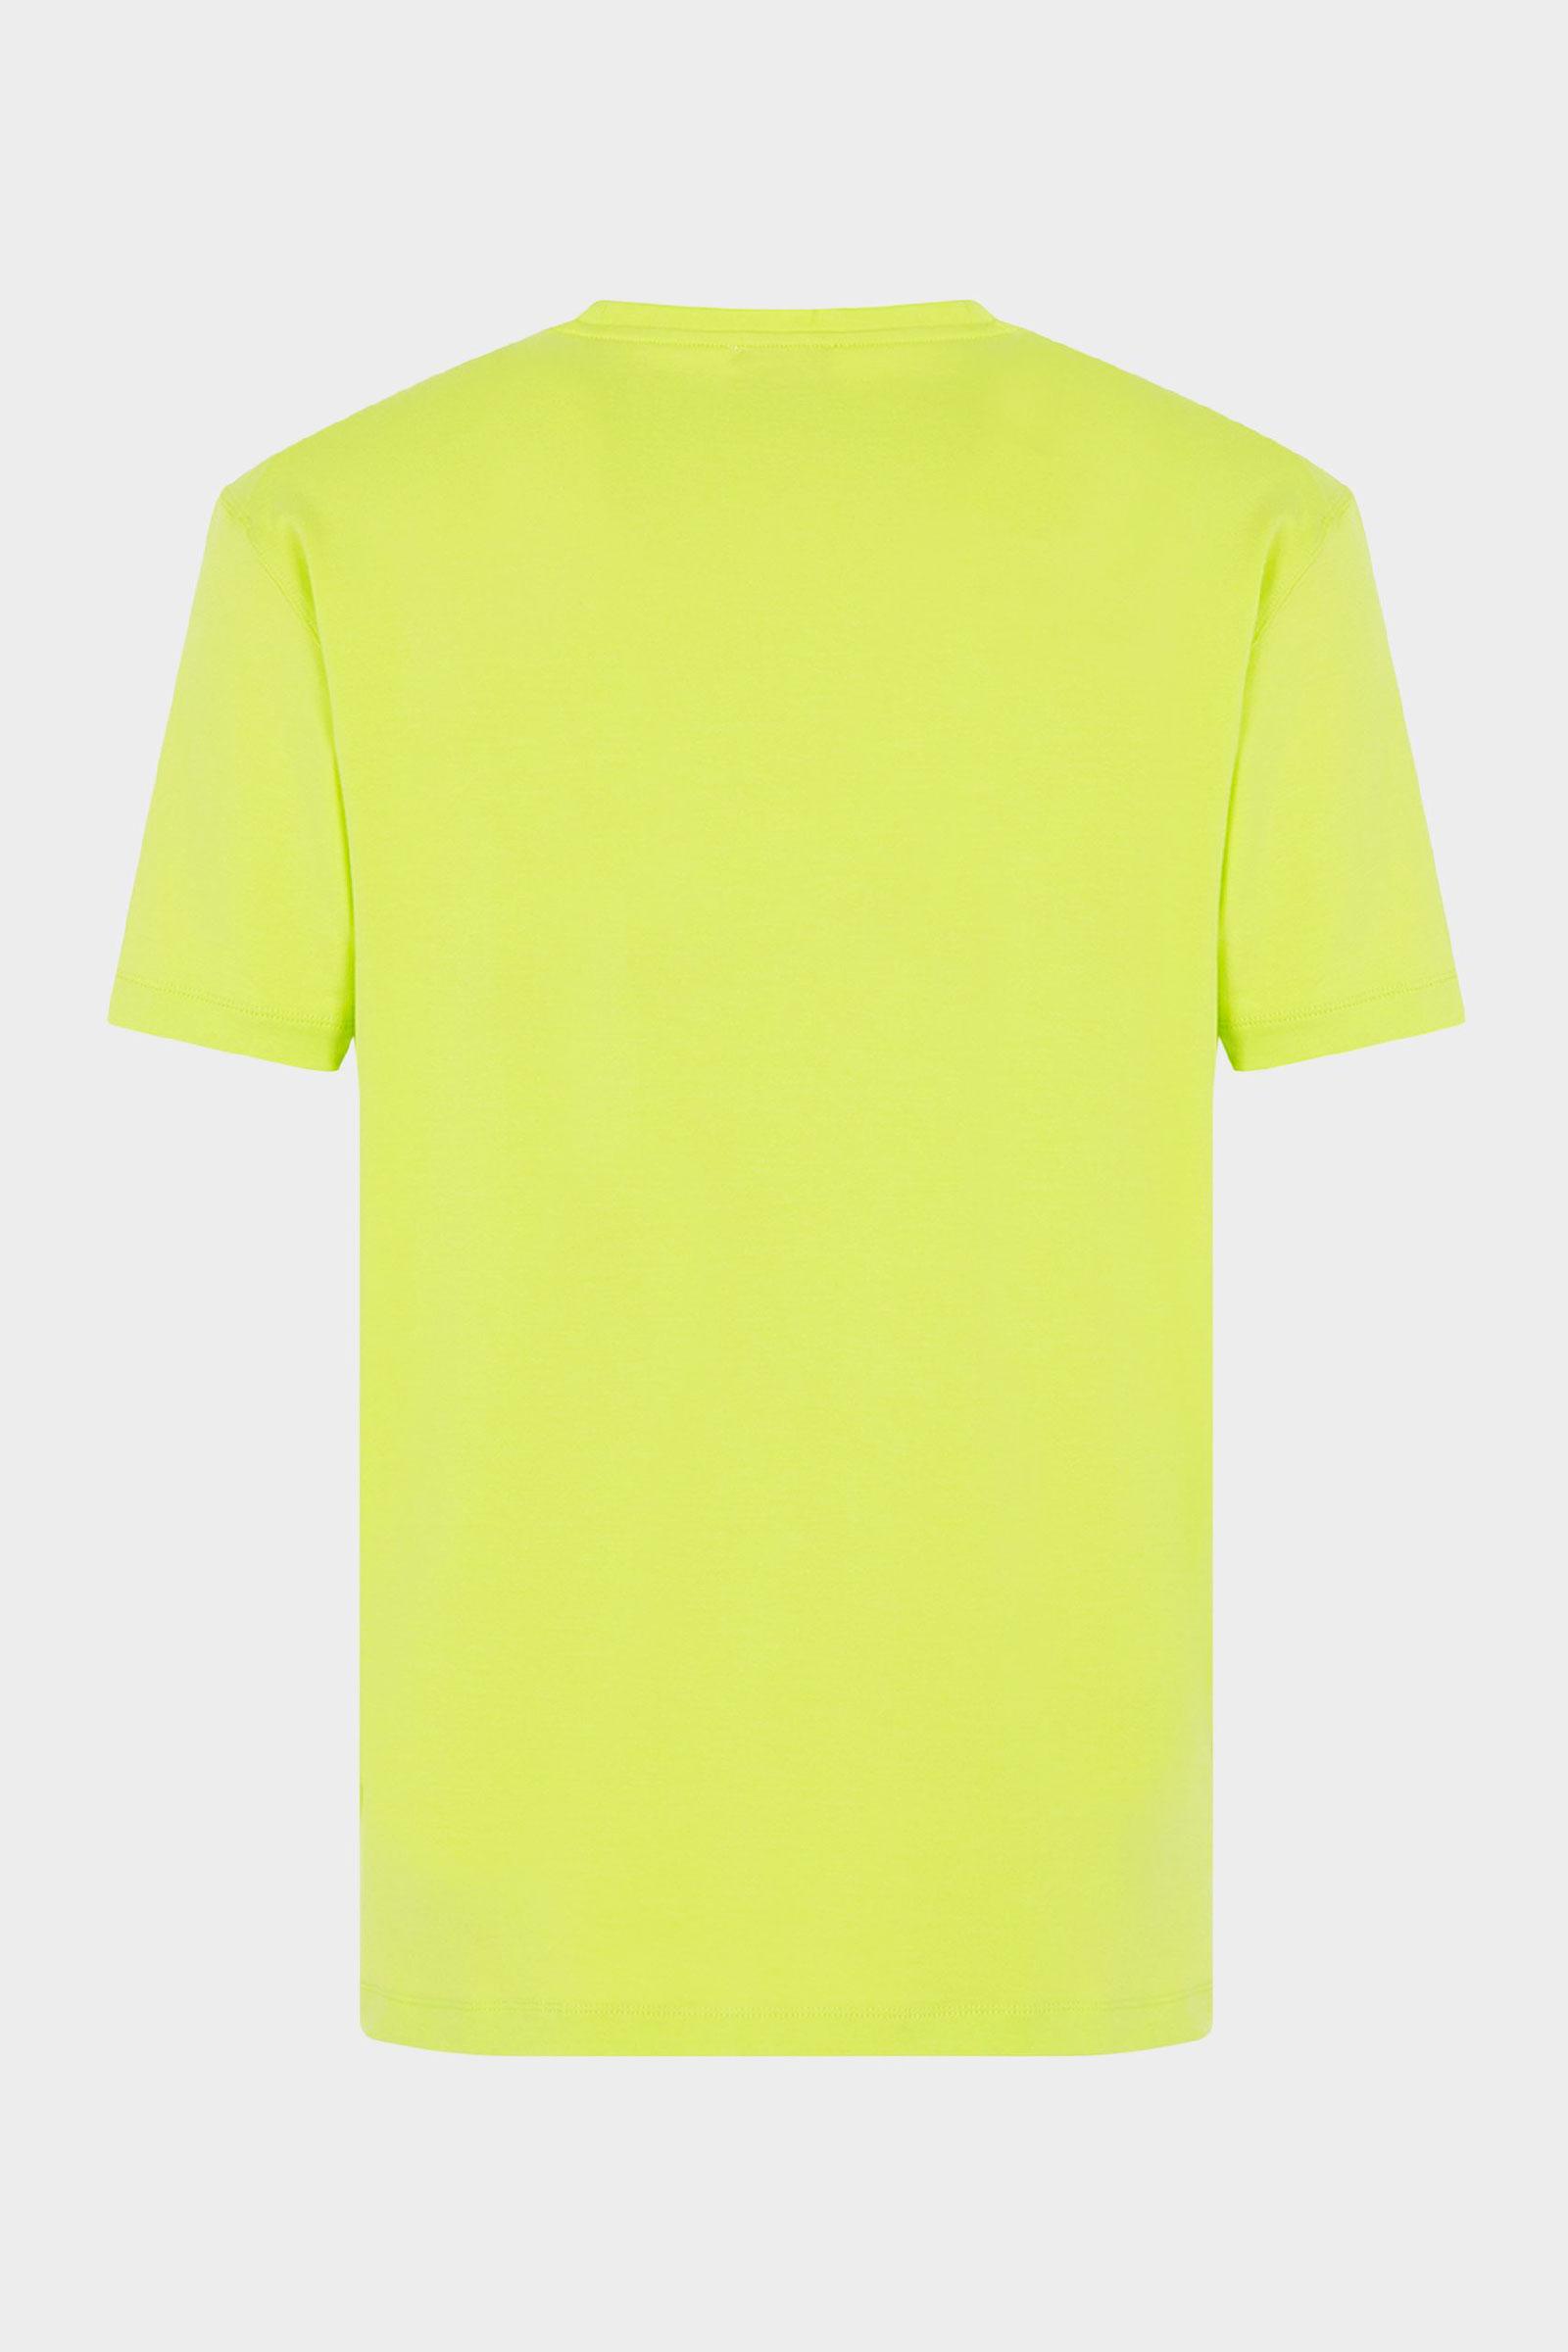 ARMANI EA7 Men's T-Shirt ARMANI EA7 | T-Shirt | 3KPT36 PJ7UZ1873